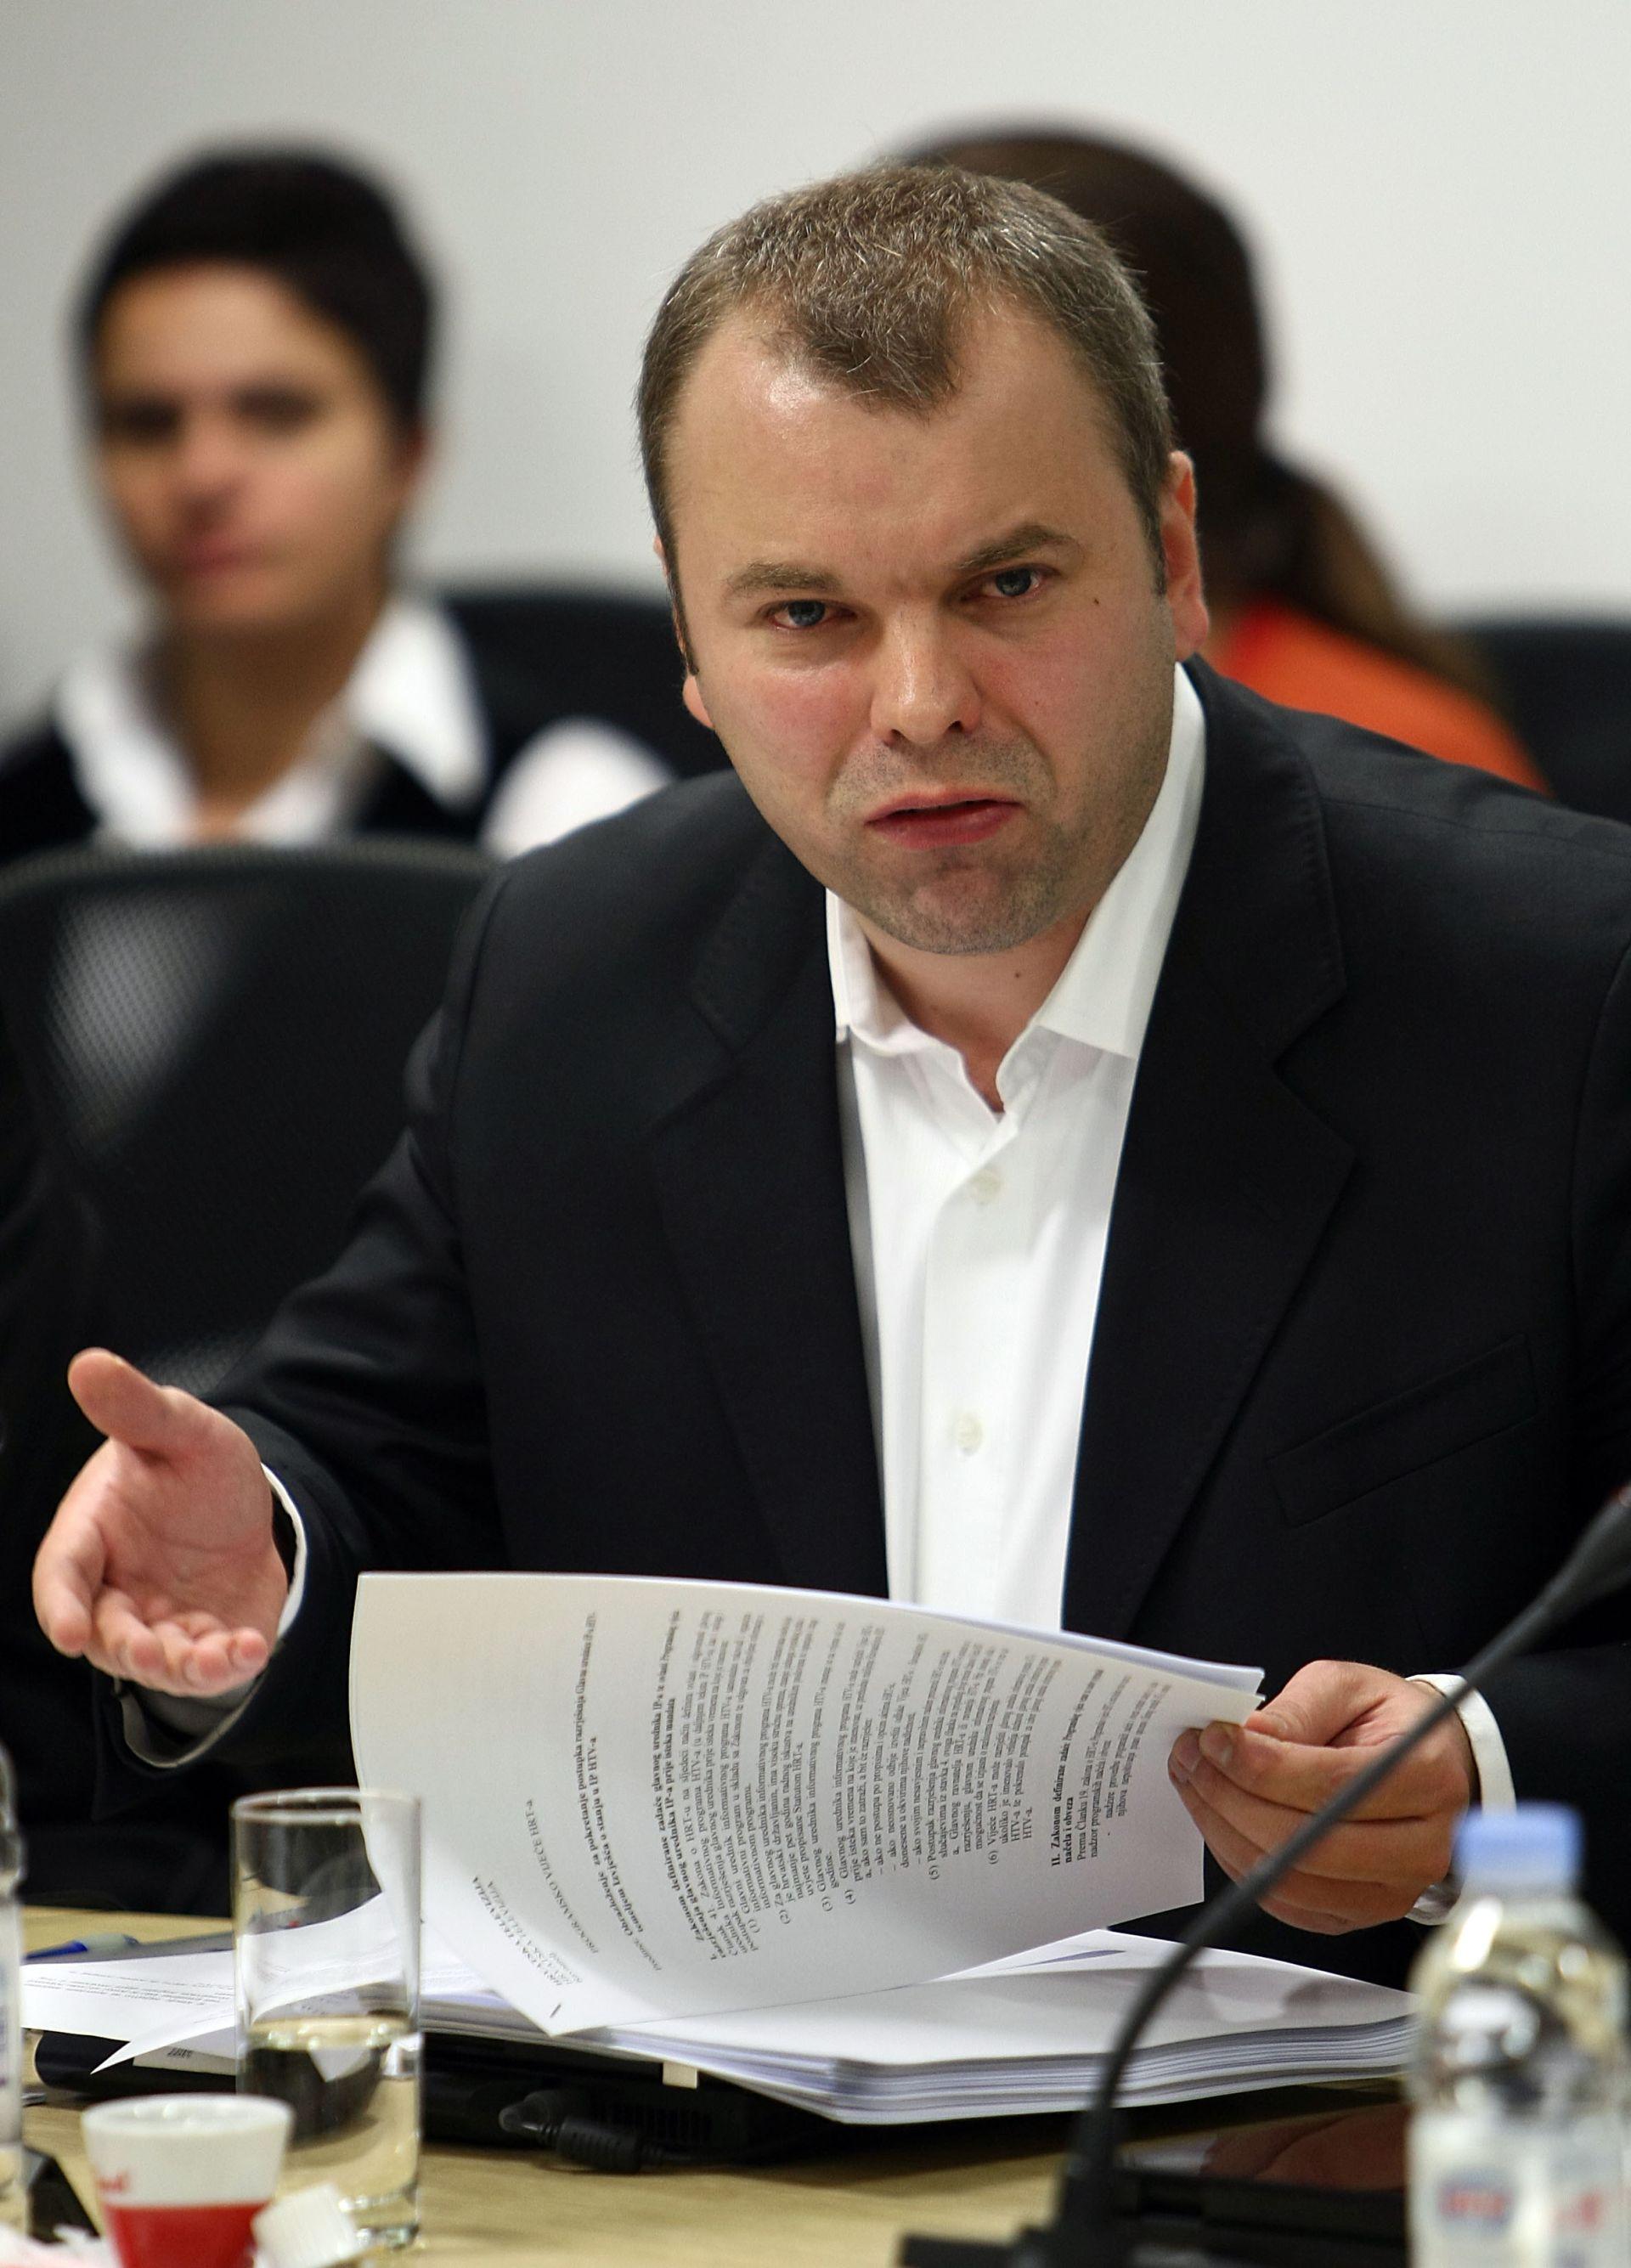 Lobisti pritišću Plenkovića zbog izbora novog ravnatelja HRT-a